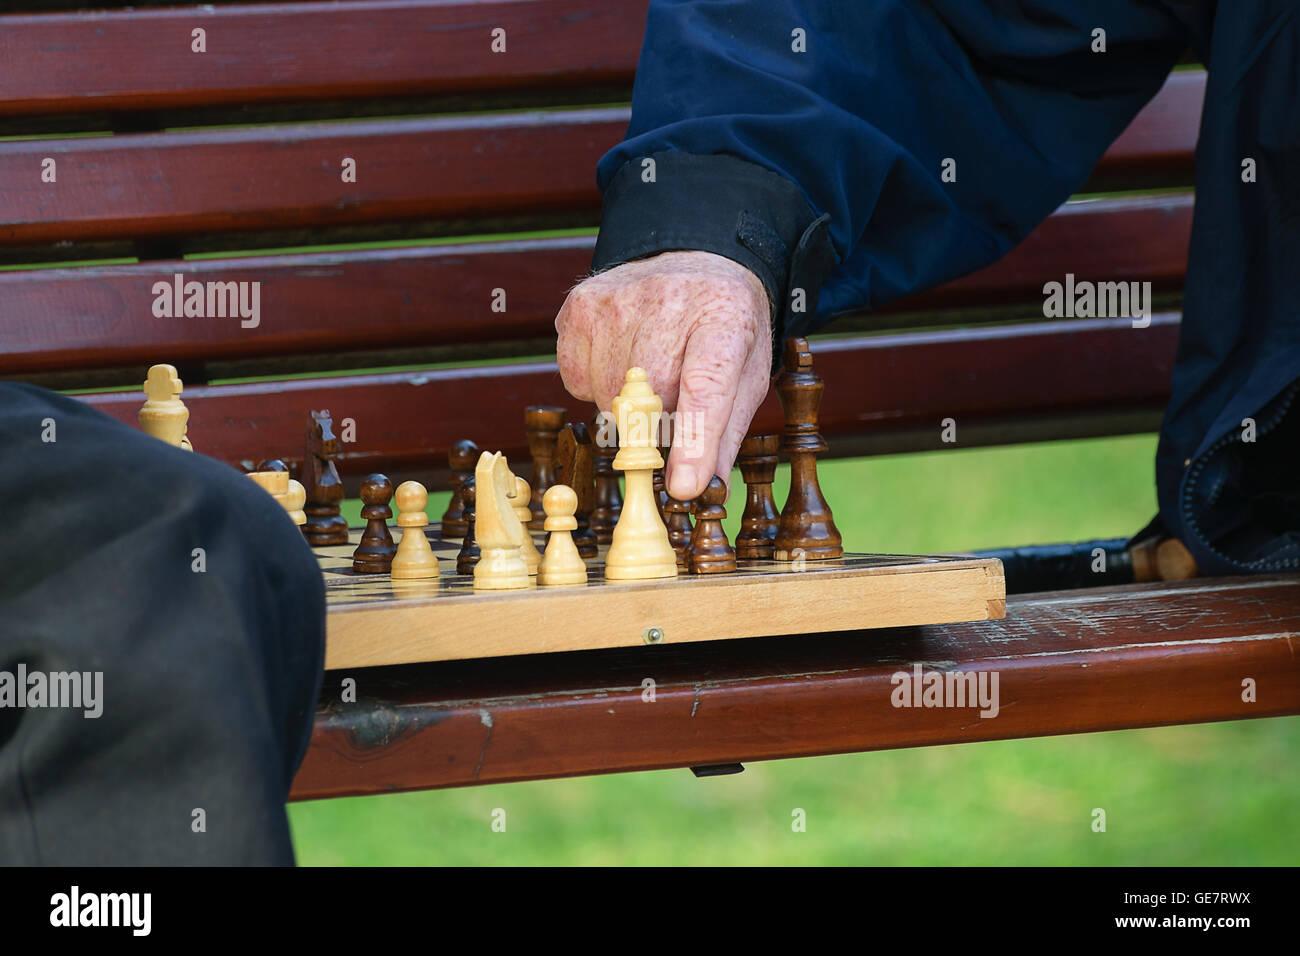 Amici di vecchia data e tempo libero. Due anziani divertirsi e giocare a scacchi gioco al parco sulla panchina. Immagini Stock